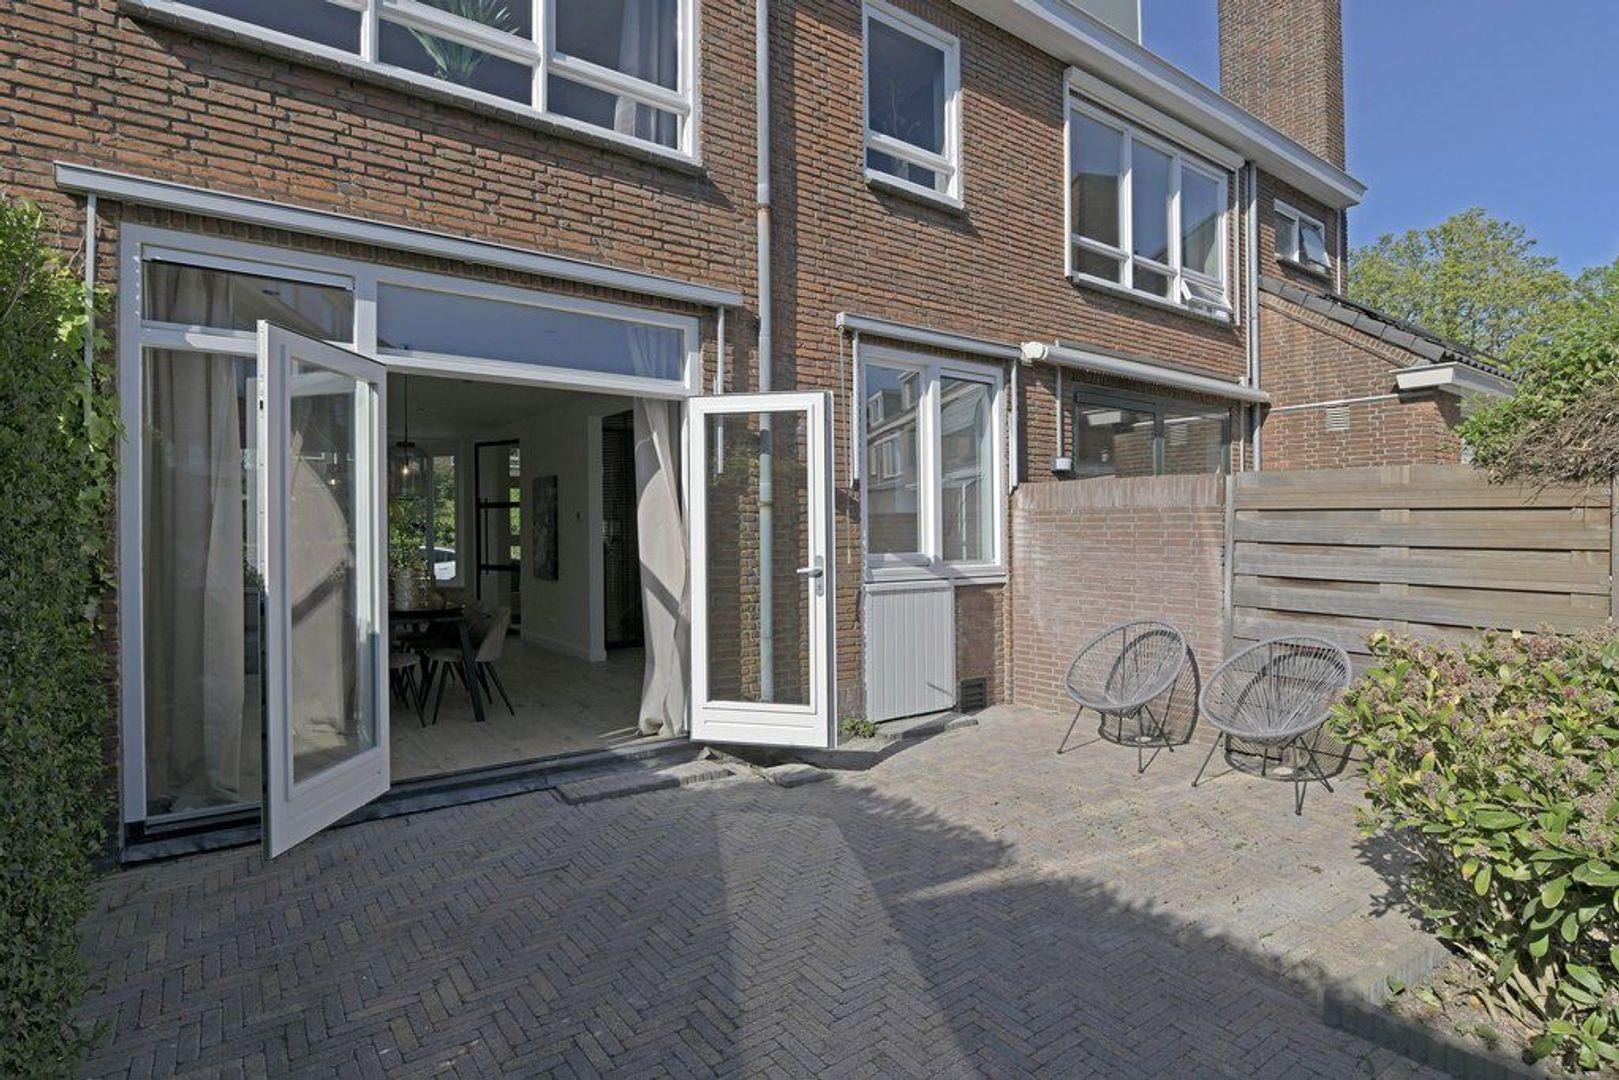 Kappeyne van de Coppellostraat 5, Delft foto-16